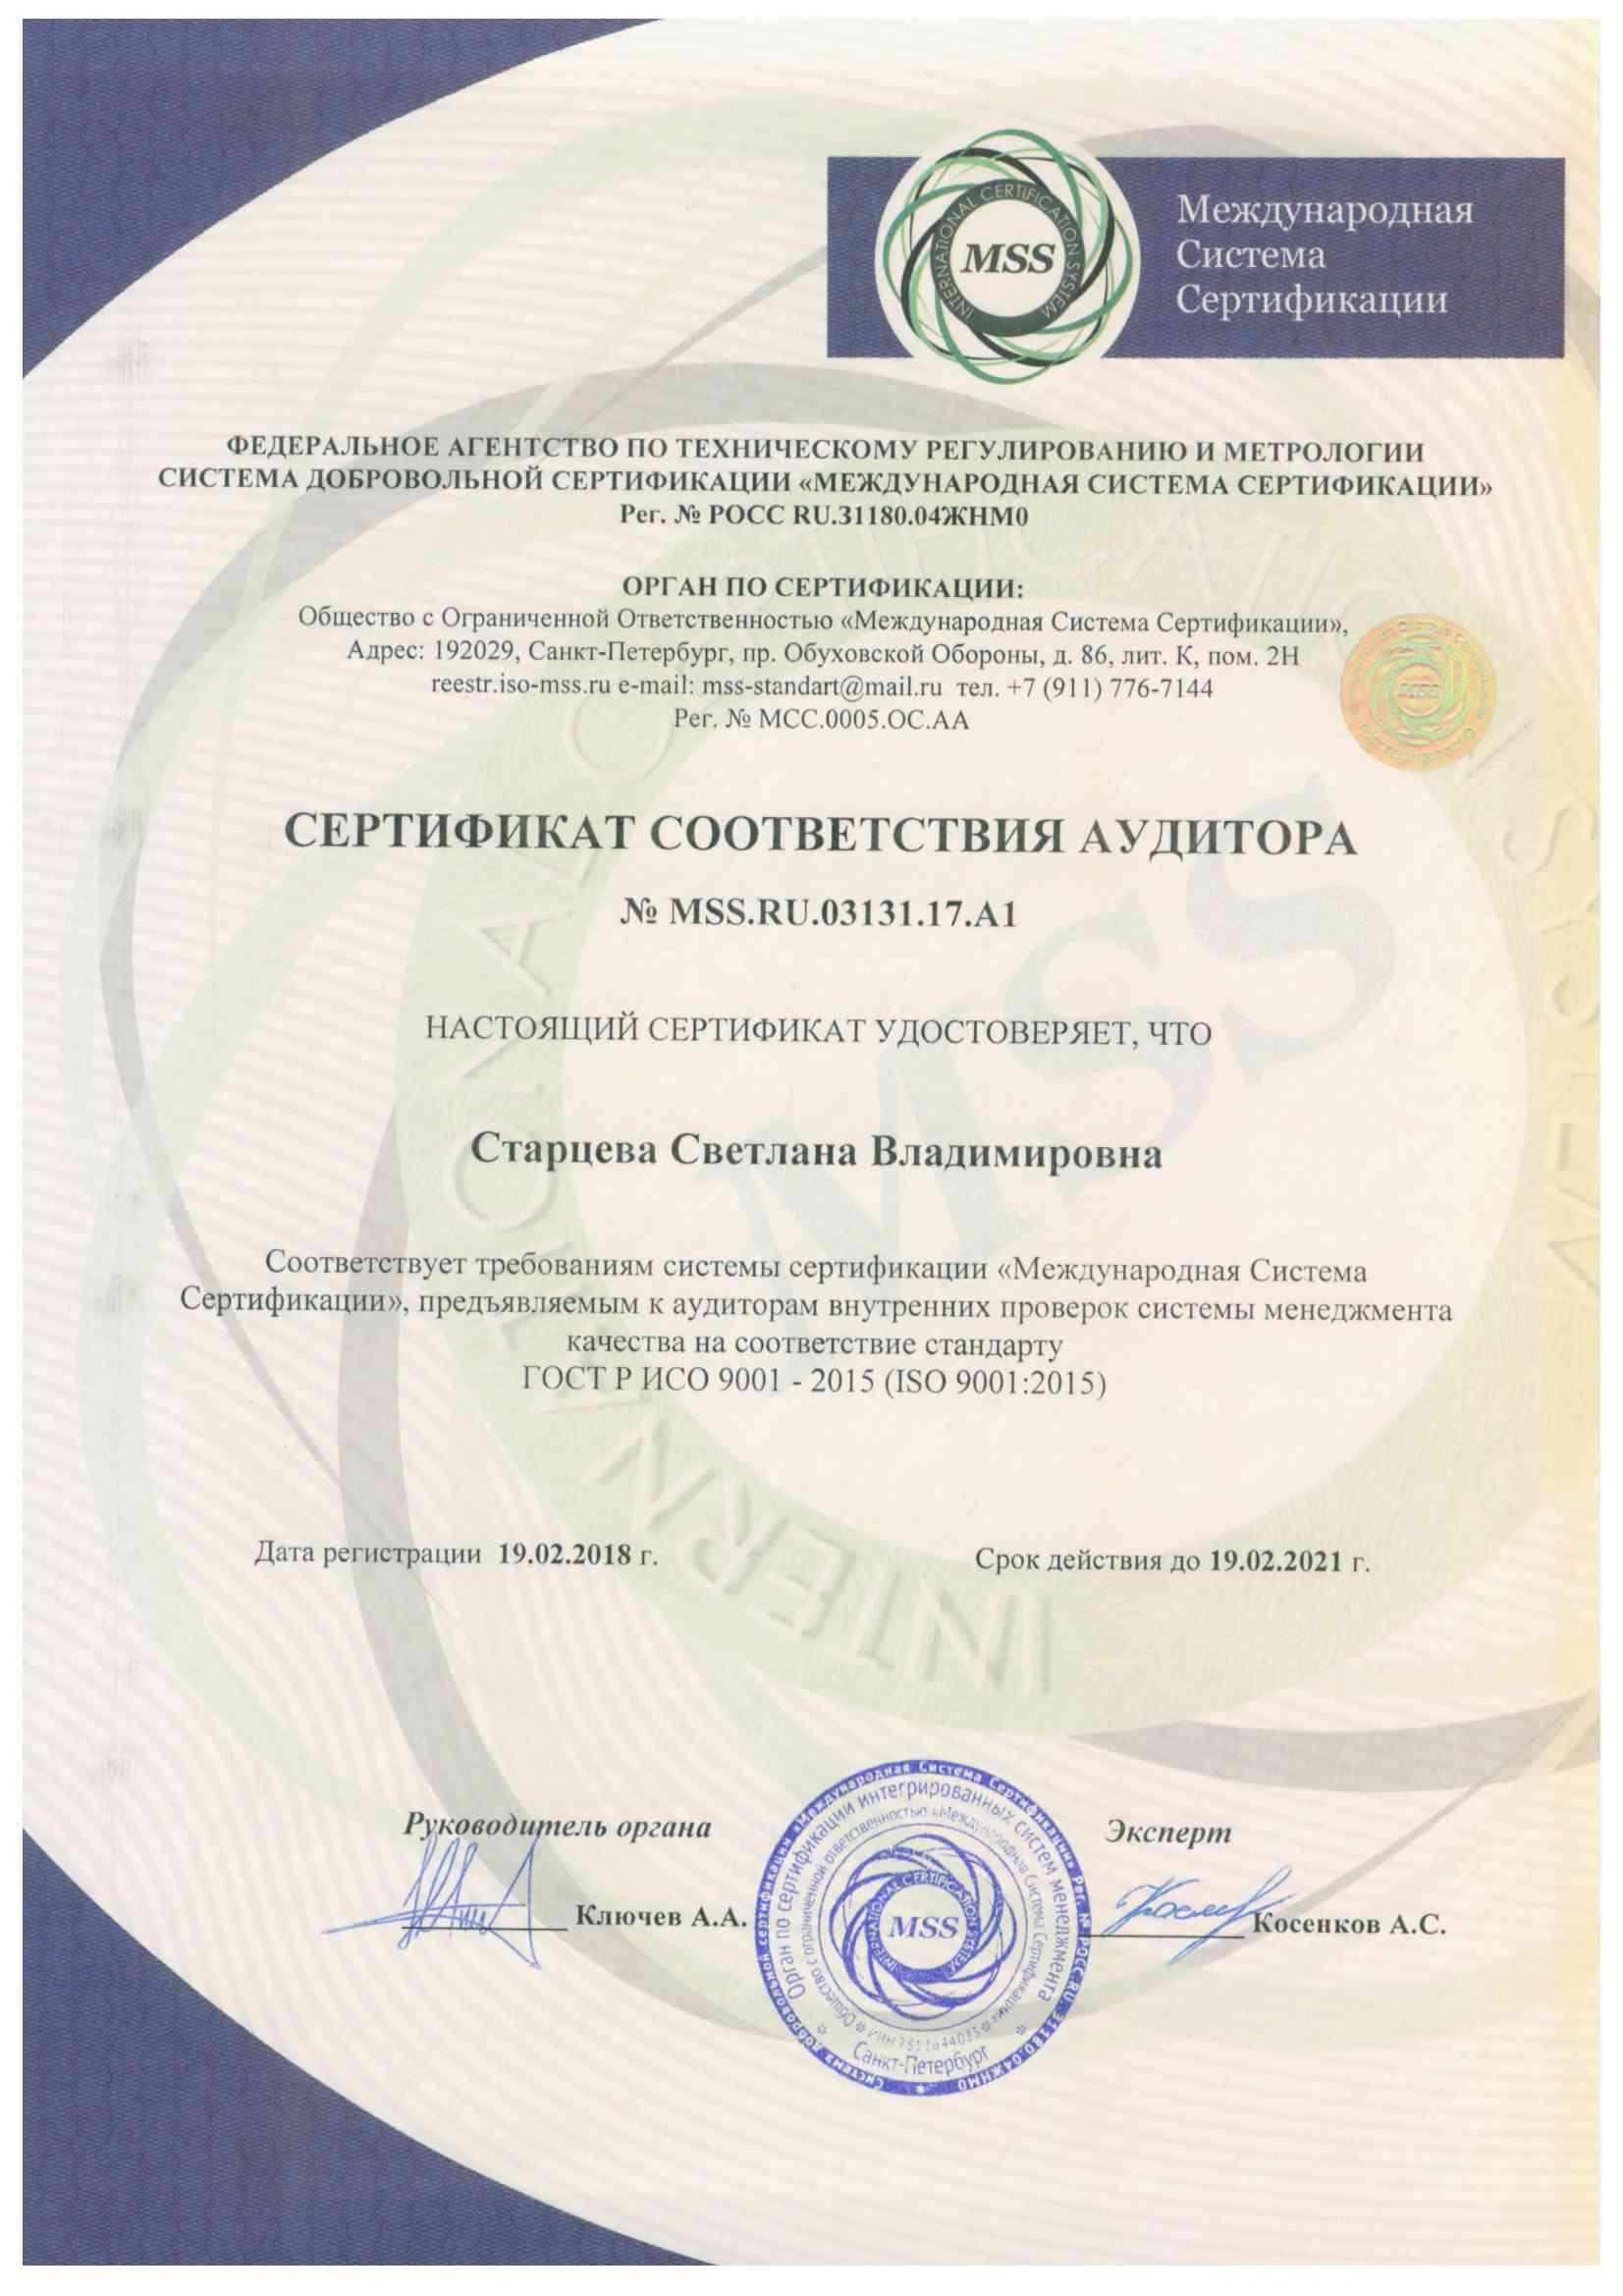 ISO 9001-2015 аудитор Старцева С.В.